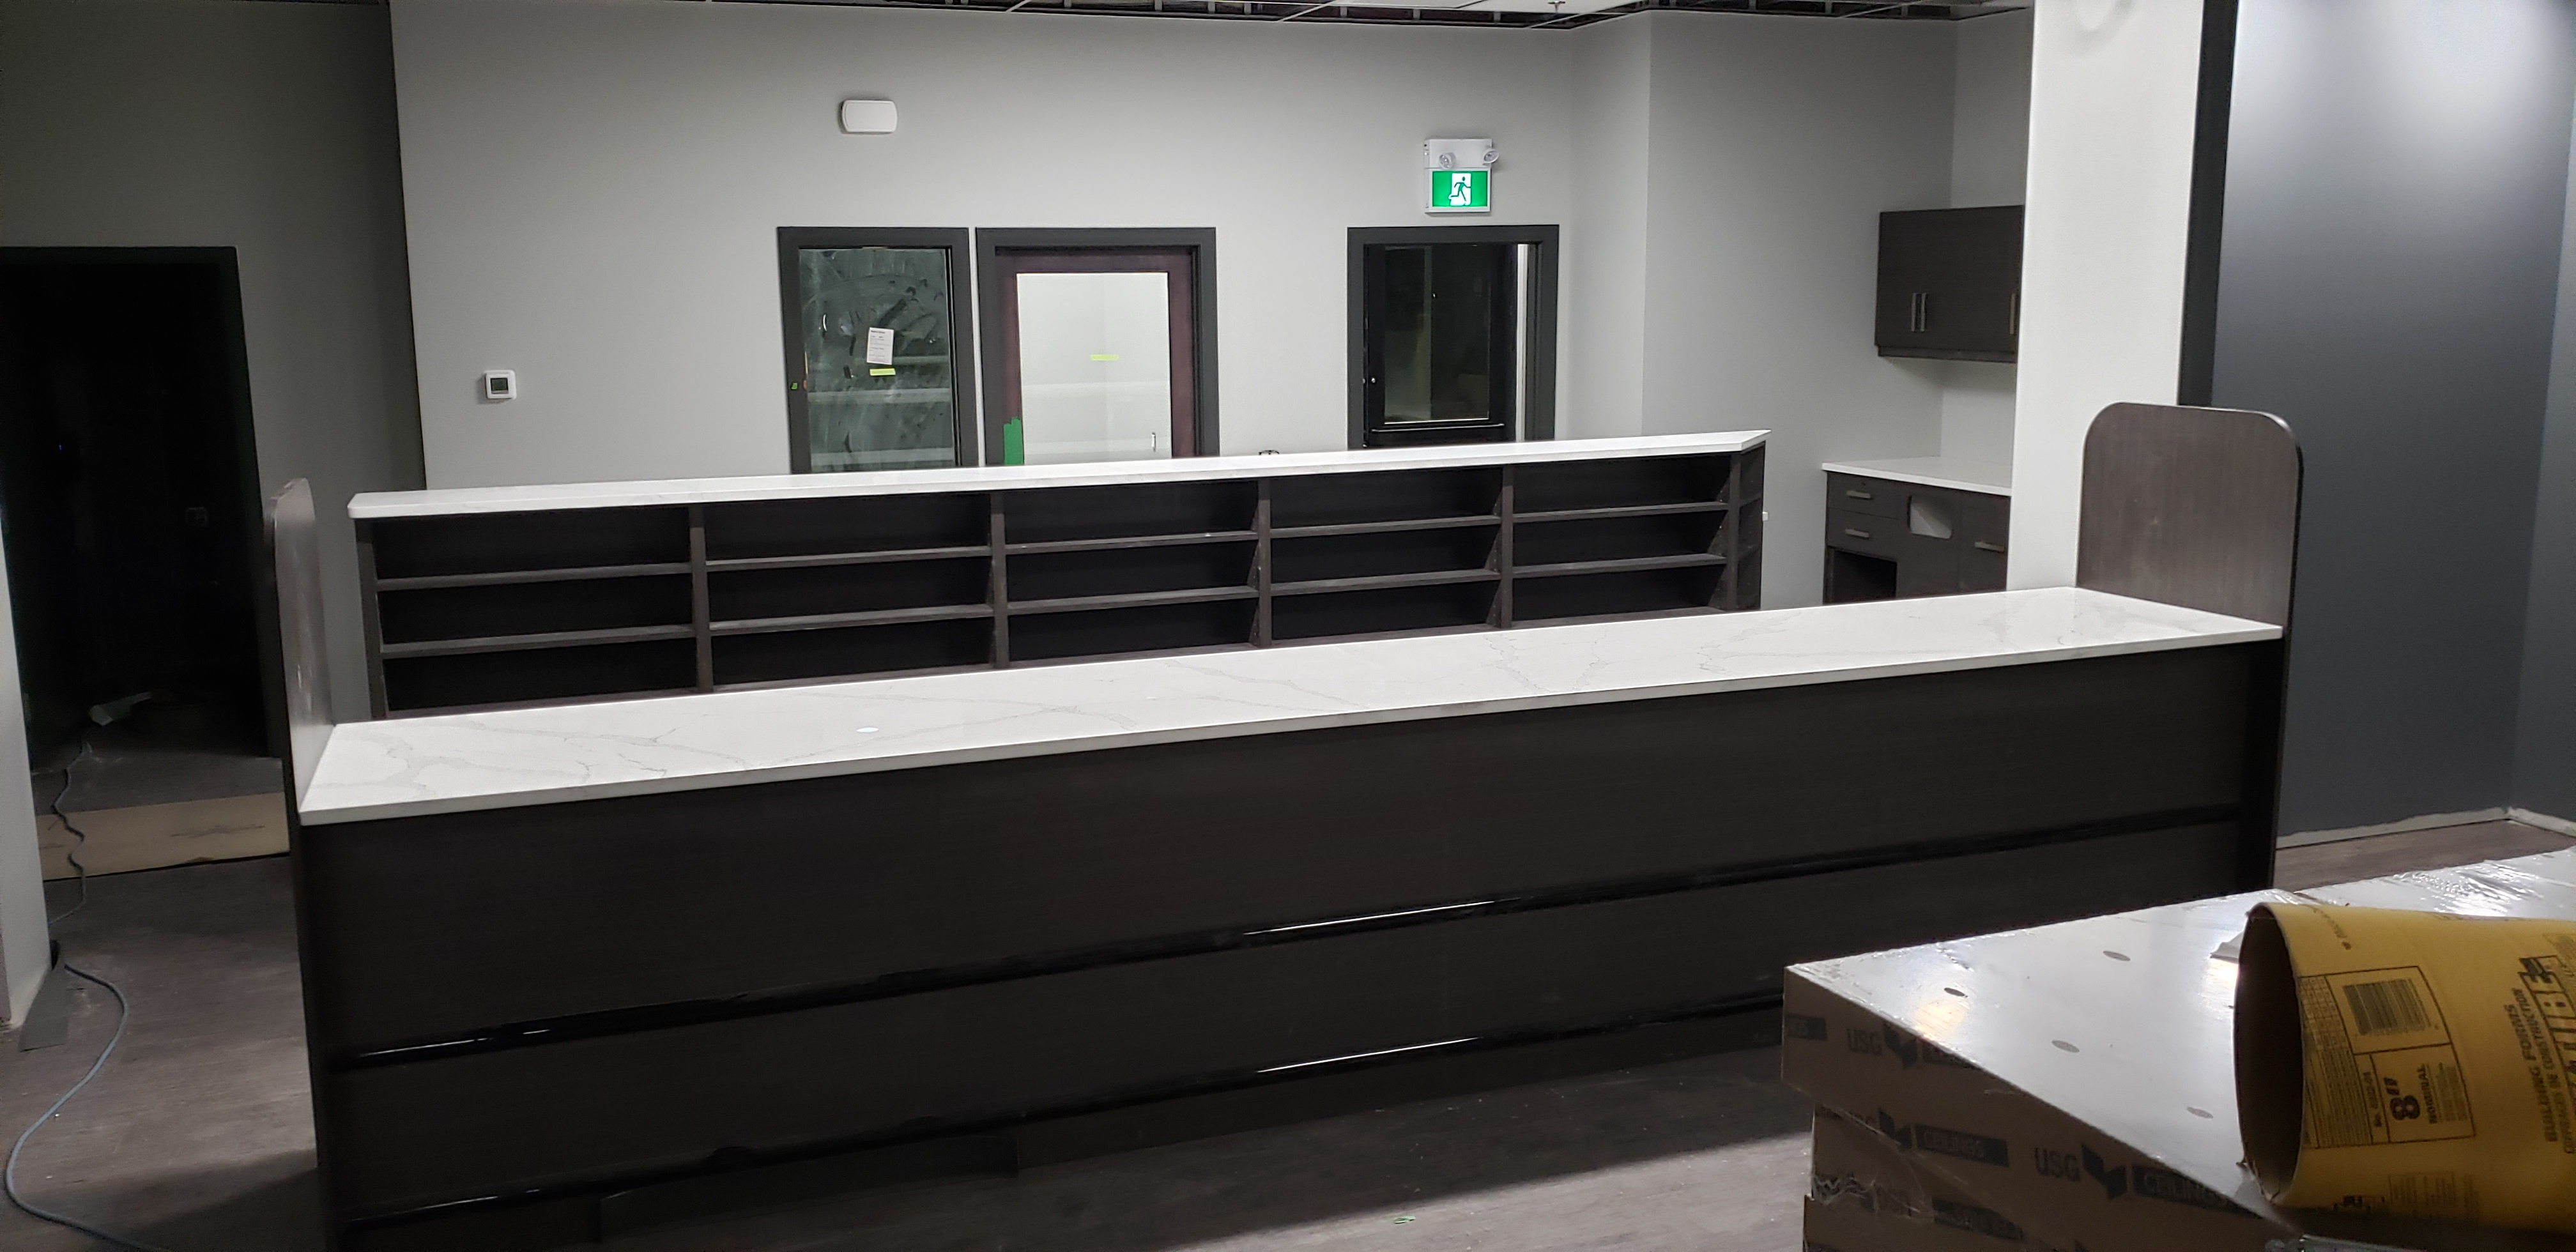 Clinic Desk 1